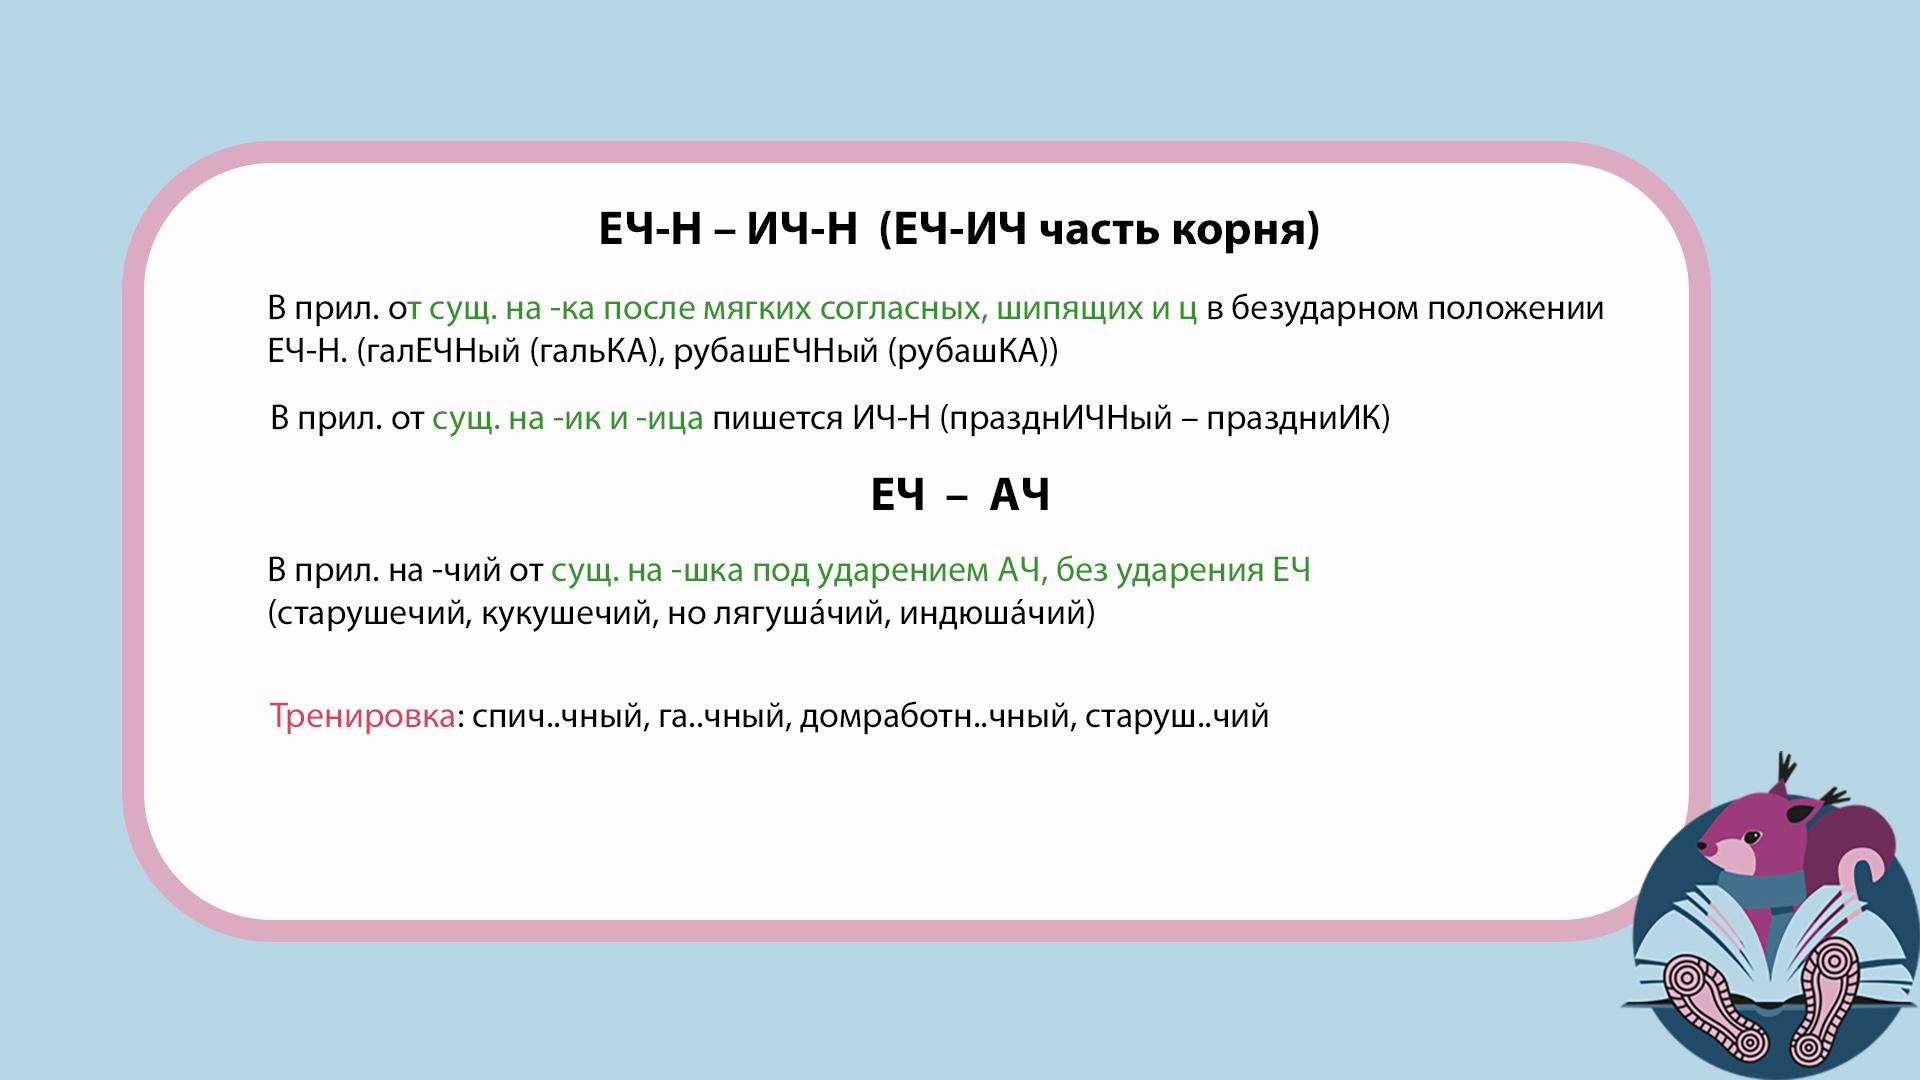 Правописание суффиксов еч-н ич-н еч-ач ЕГЭ русский язык задание 11